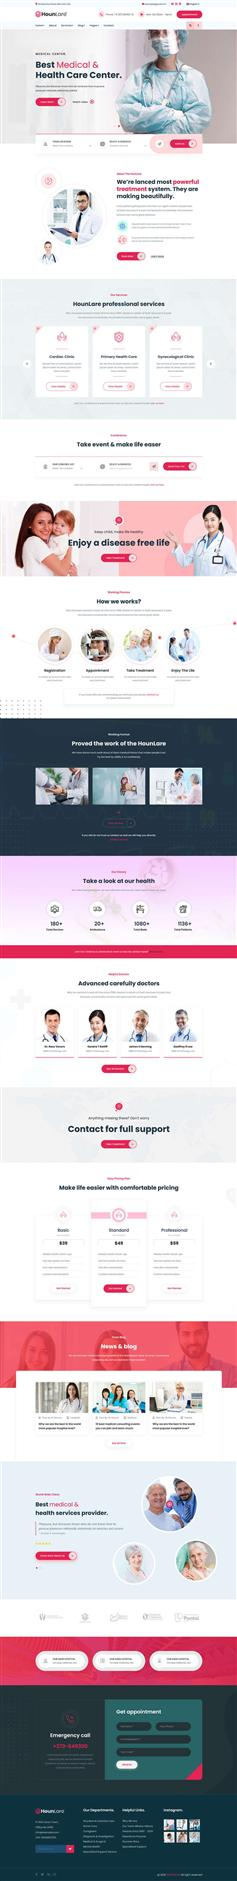 私立医院医疗健康机构CSS网页模板